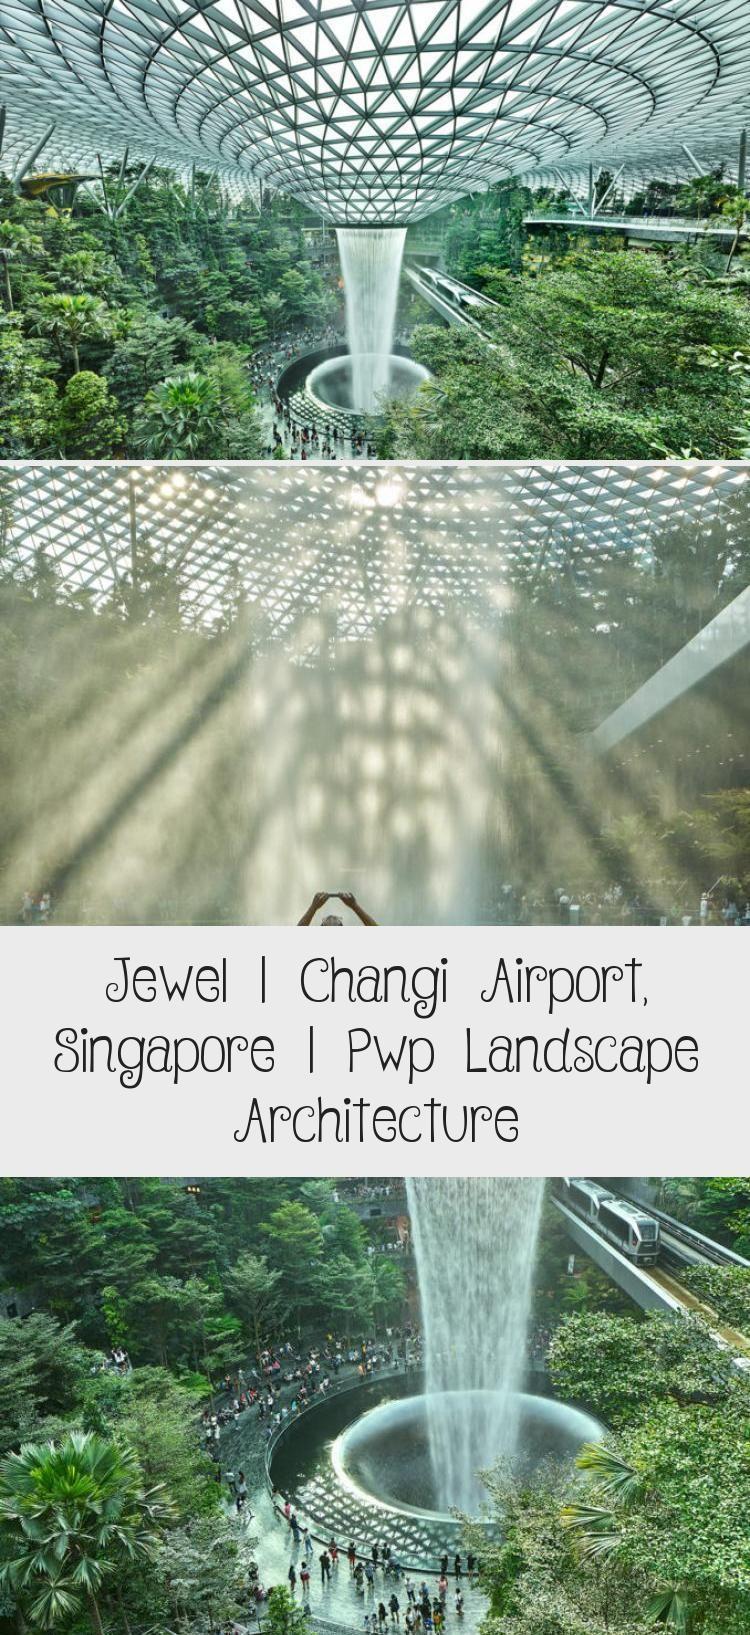 Jewel Changi Airport Singapore Pwp Landscape Architecture Landscapearchitectureschool Landscapearchitecturemas In 2020 Landscape Architecture Landscape Changi